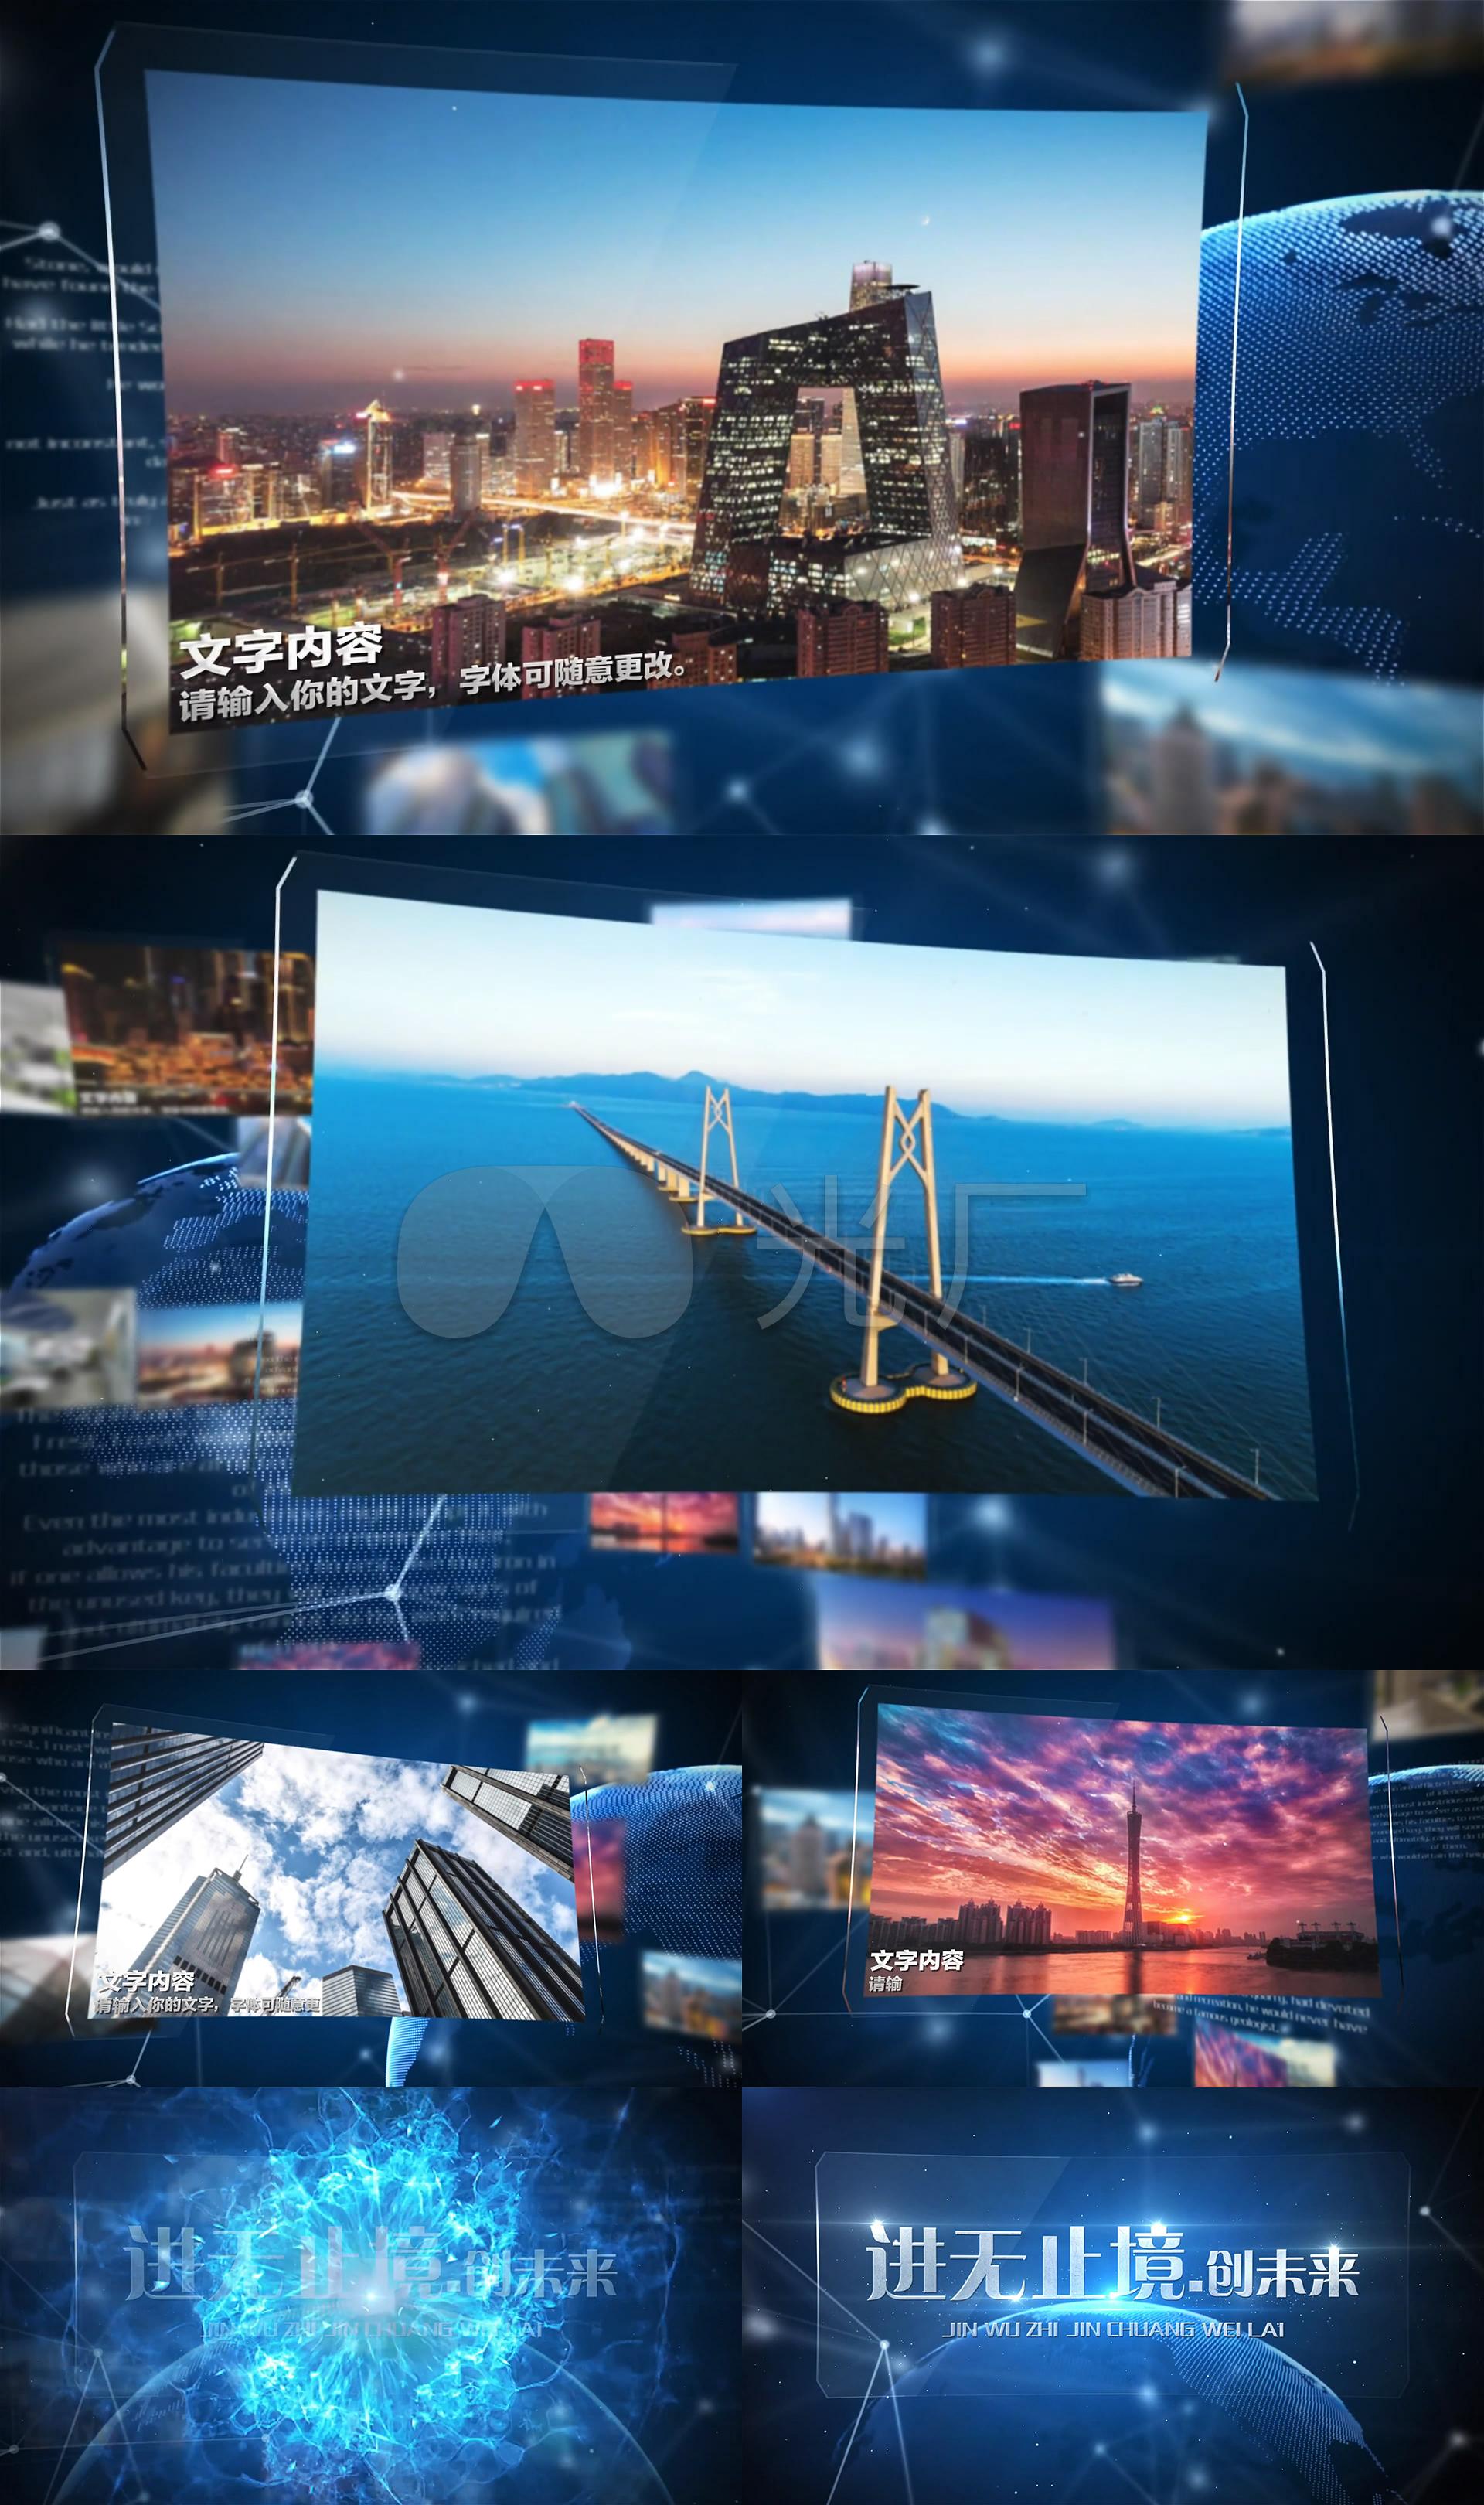 【原创】科技商务视频图文展示片头2分钟